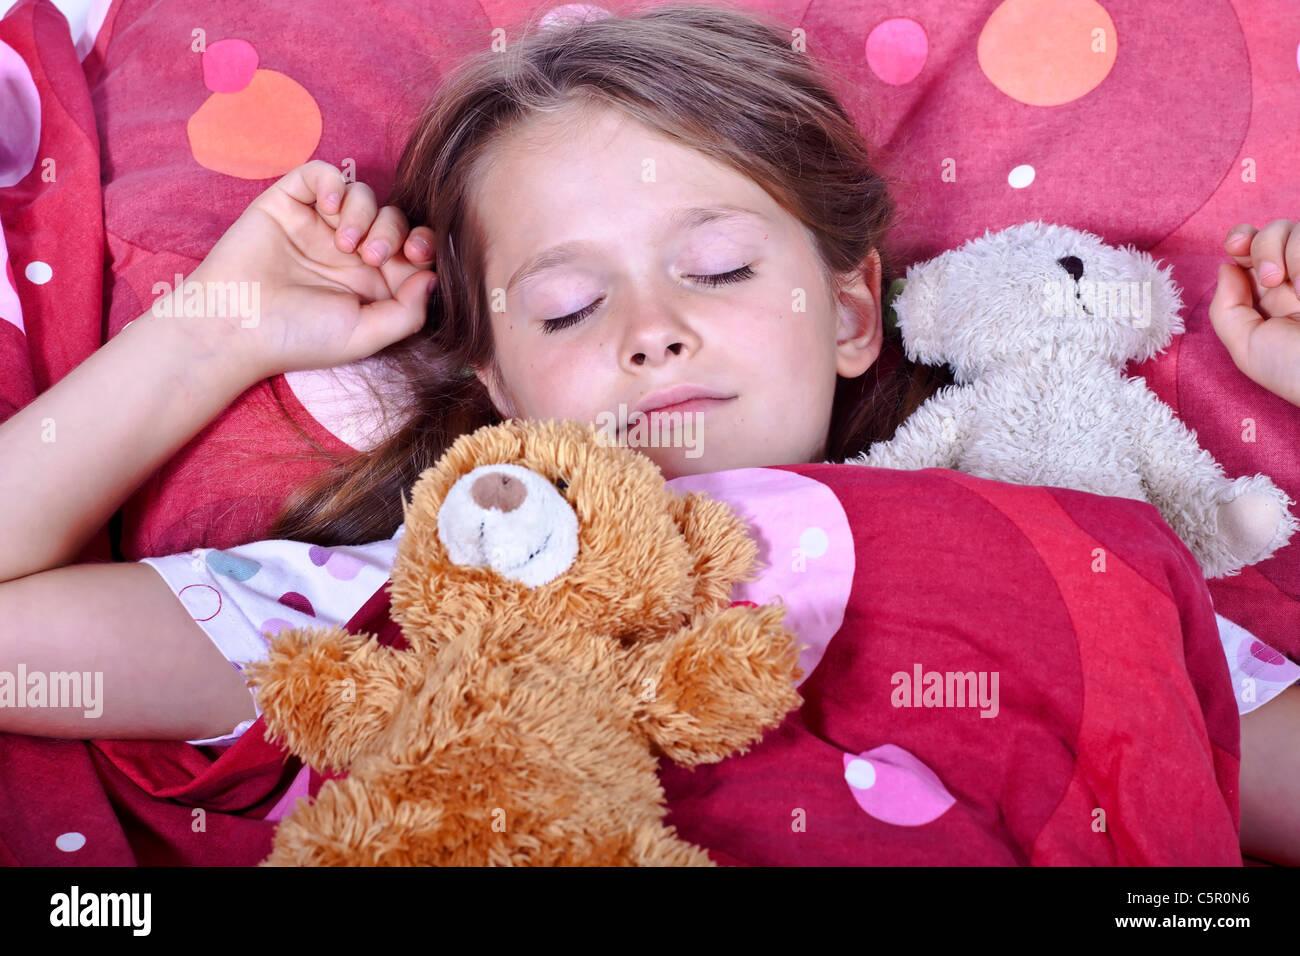 Une fillette de huit ans au lit avec couverture et oreillers et les animaux en peluche Photo Stock